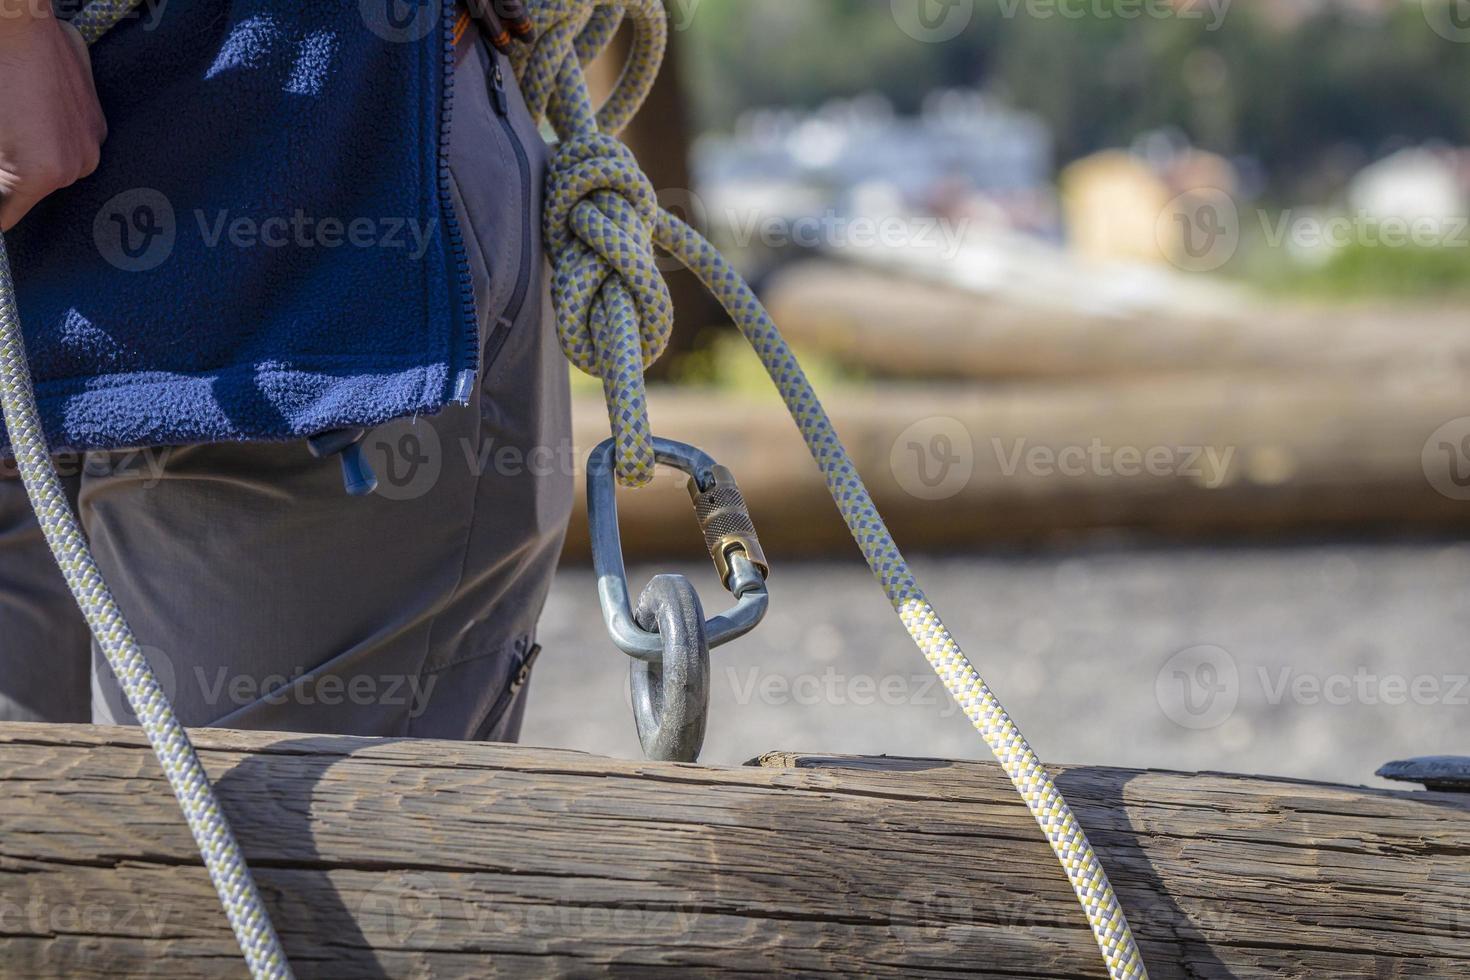 zipline äventyrsaktivitet säkerhet foto